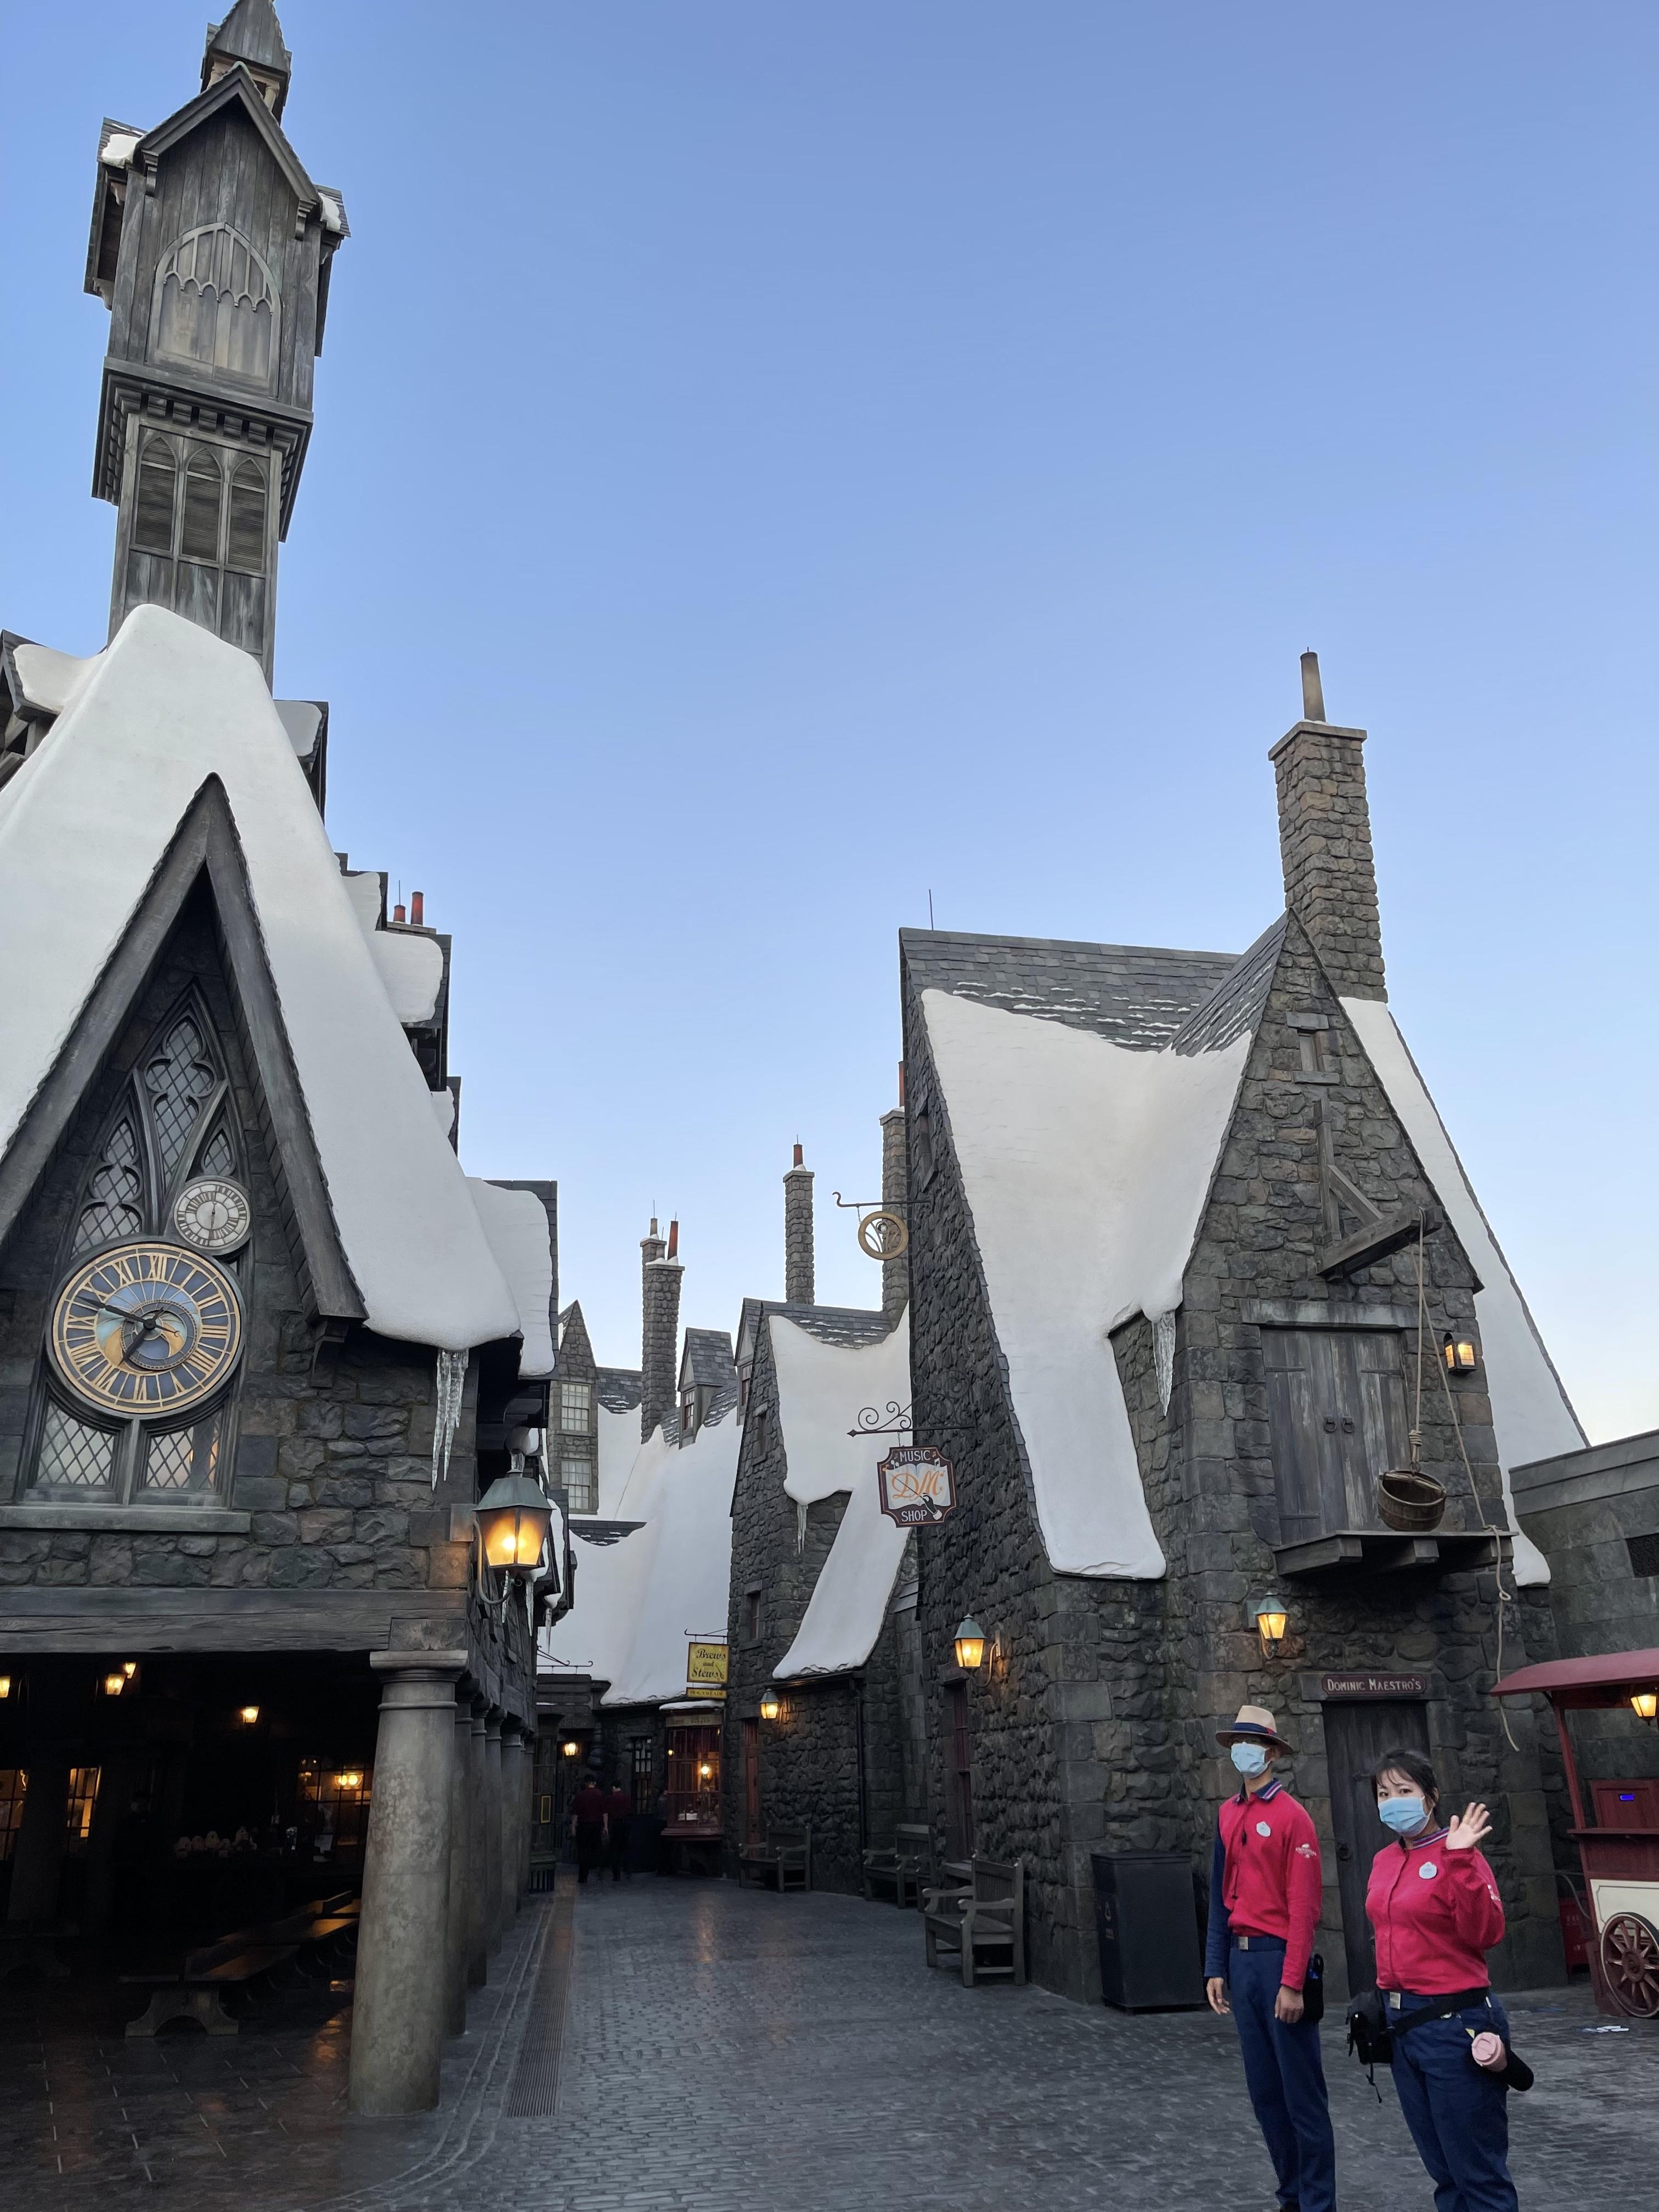 哈利·波特的魔法世界主题景区。